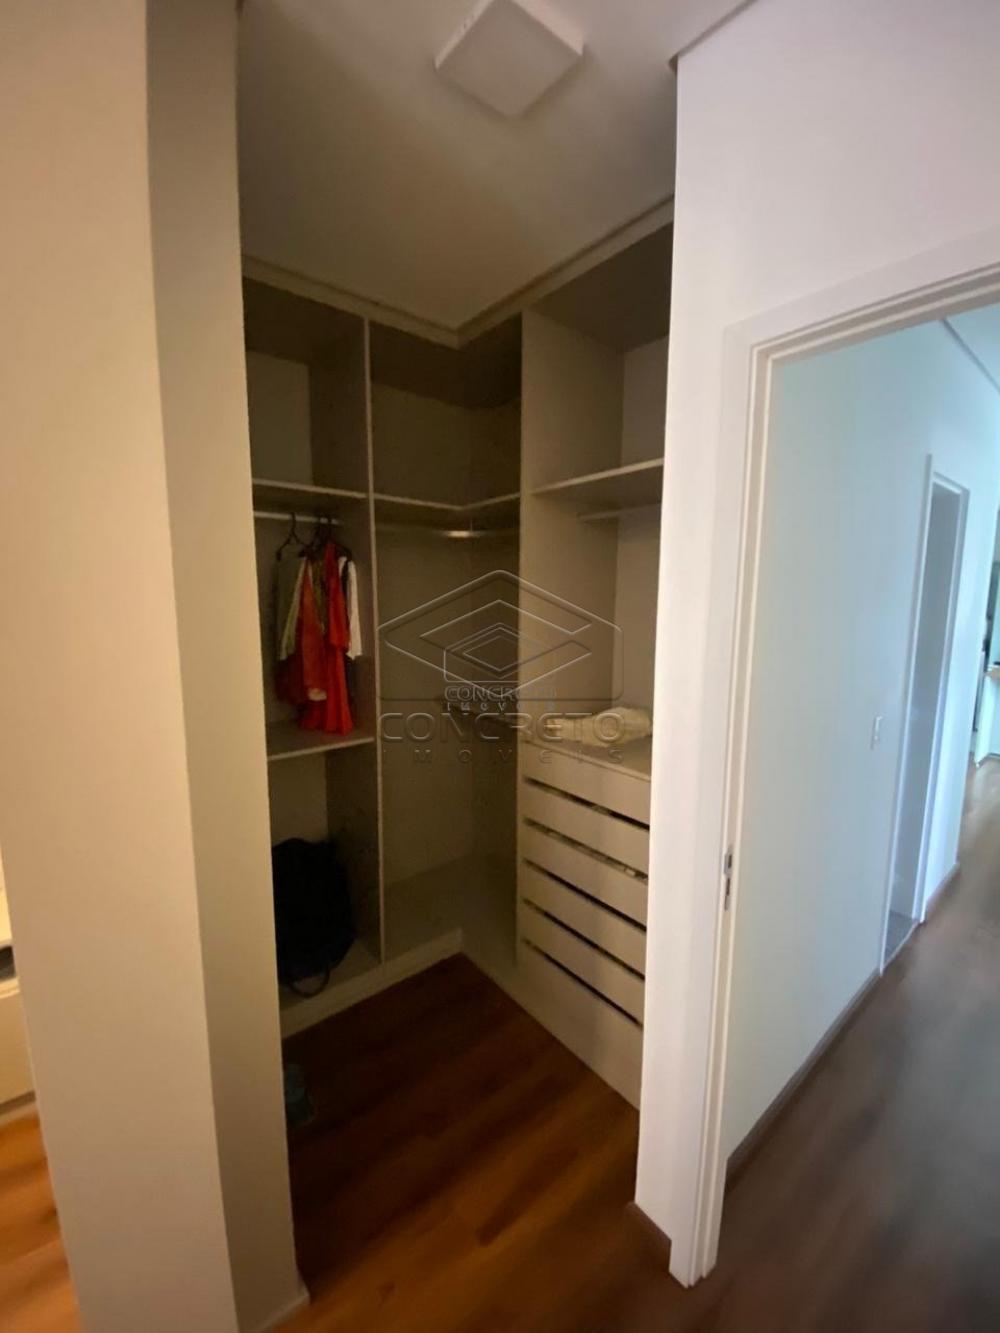 Comprar Apartamento / Padrão em Jau R$ 530.000,00 - Foto 9